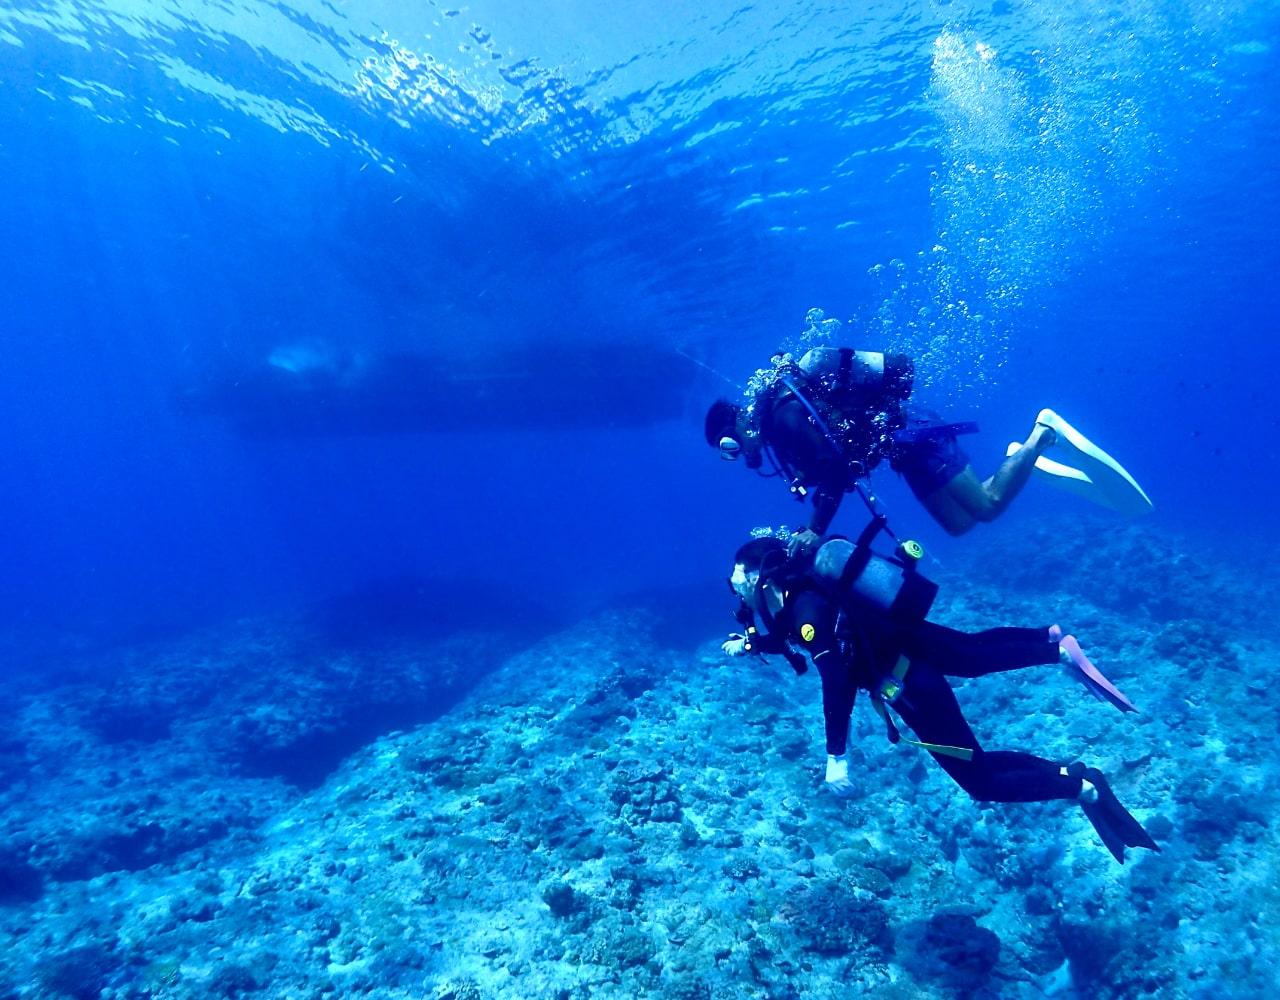 沖縄の美しい海を守るため